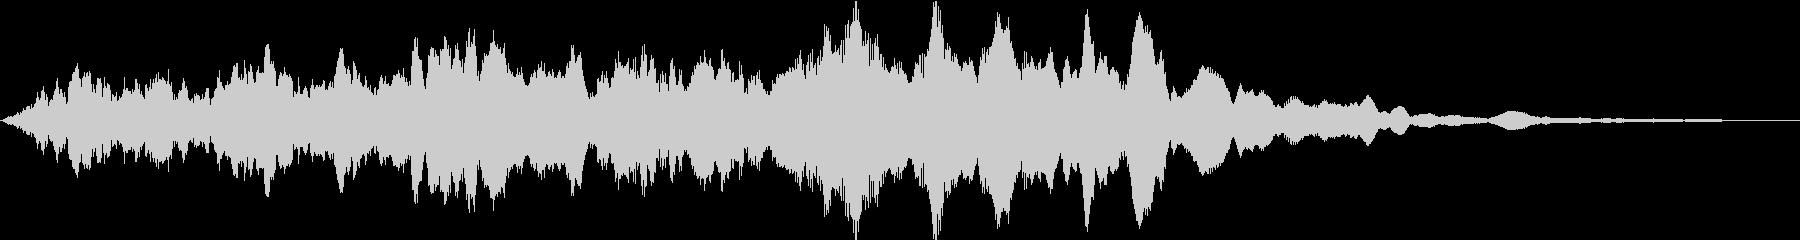 ミステリー系の短い効果音です。の未再生の波形